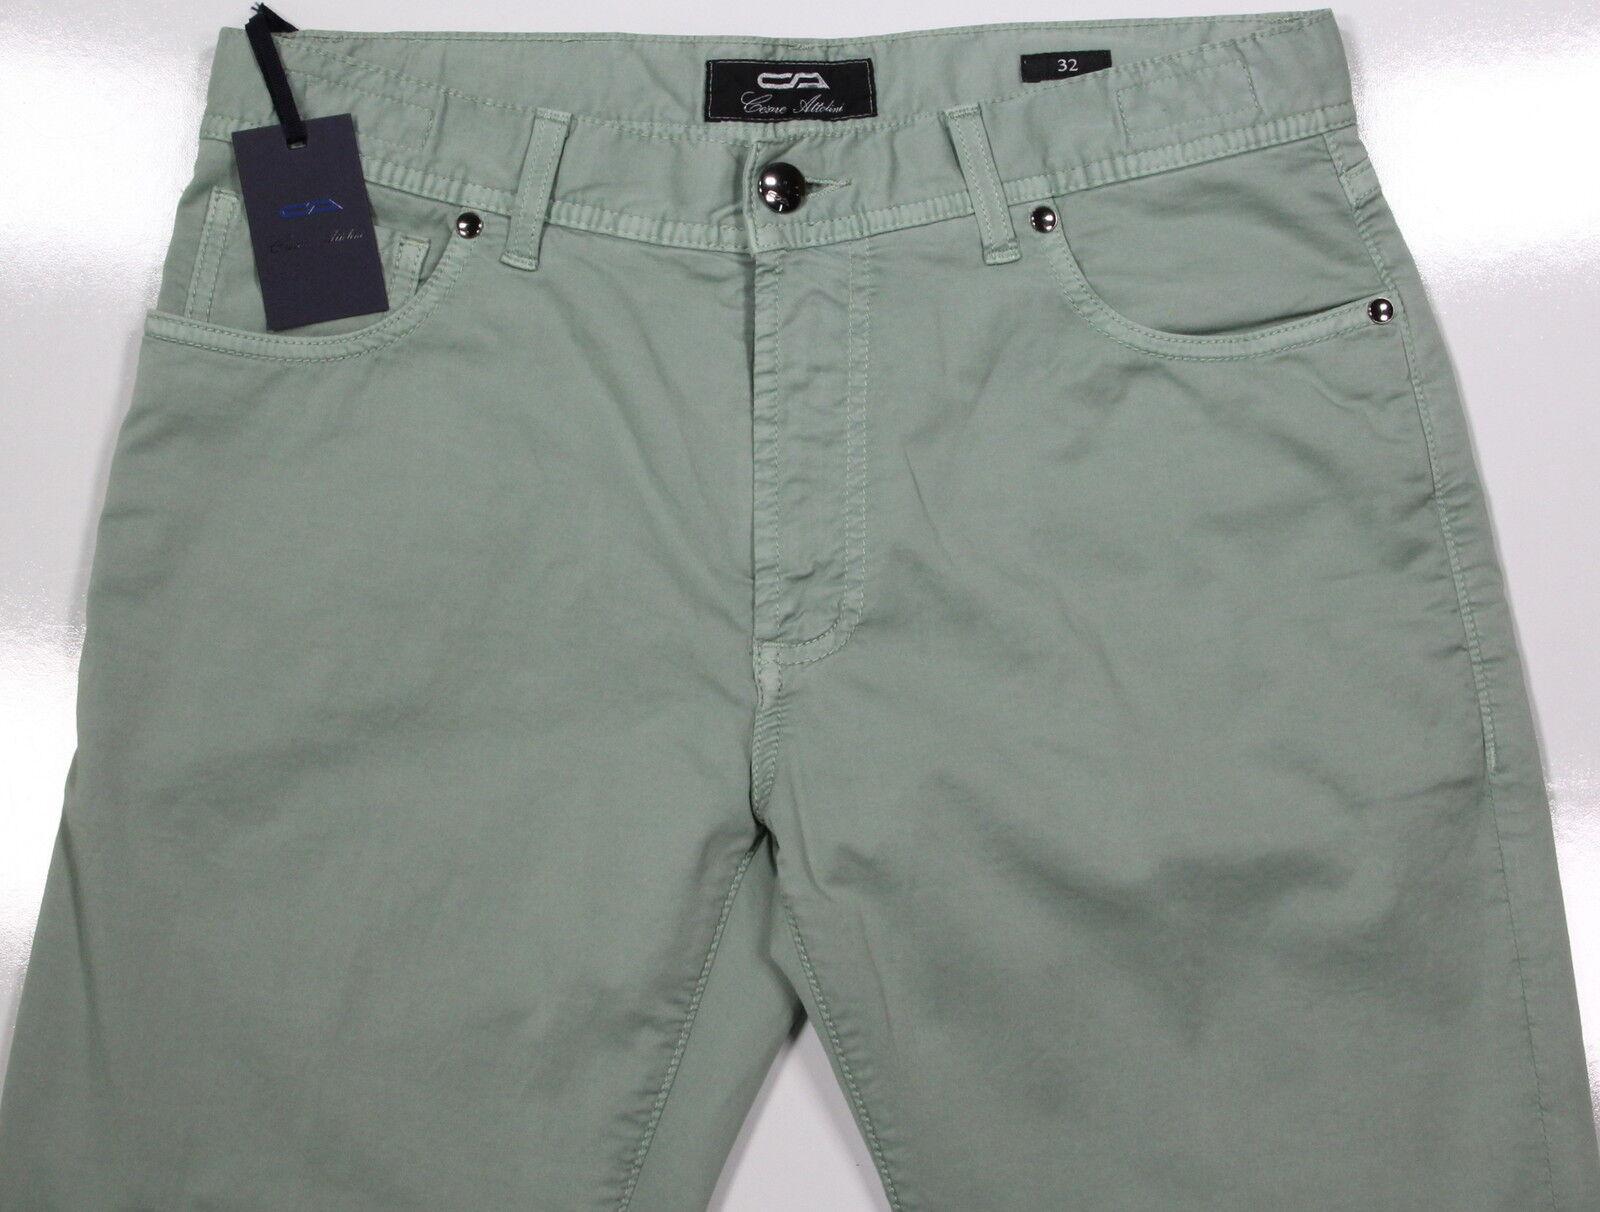 New CESARE ATTOLINI Light Mint Grün Slim Fit Fit Fit Cotton Stretch Jeans 32 0c3